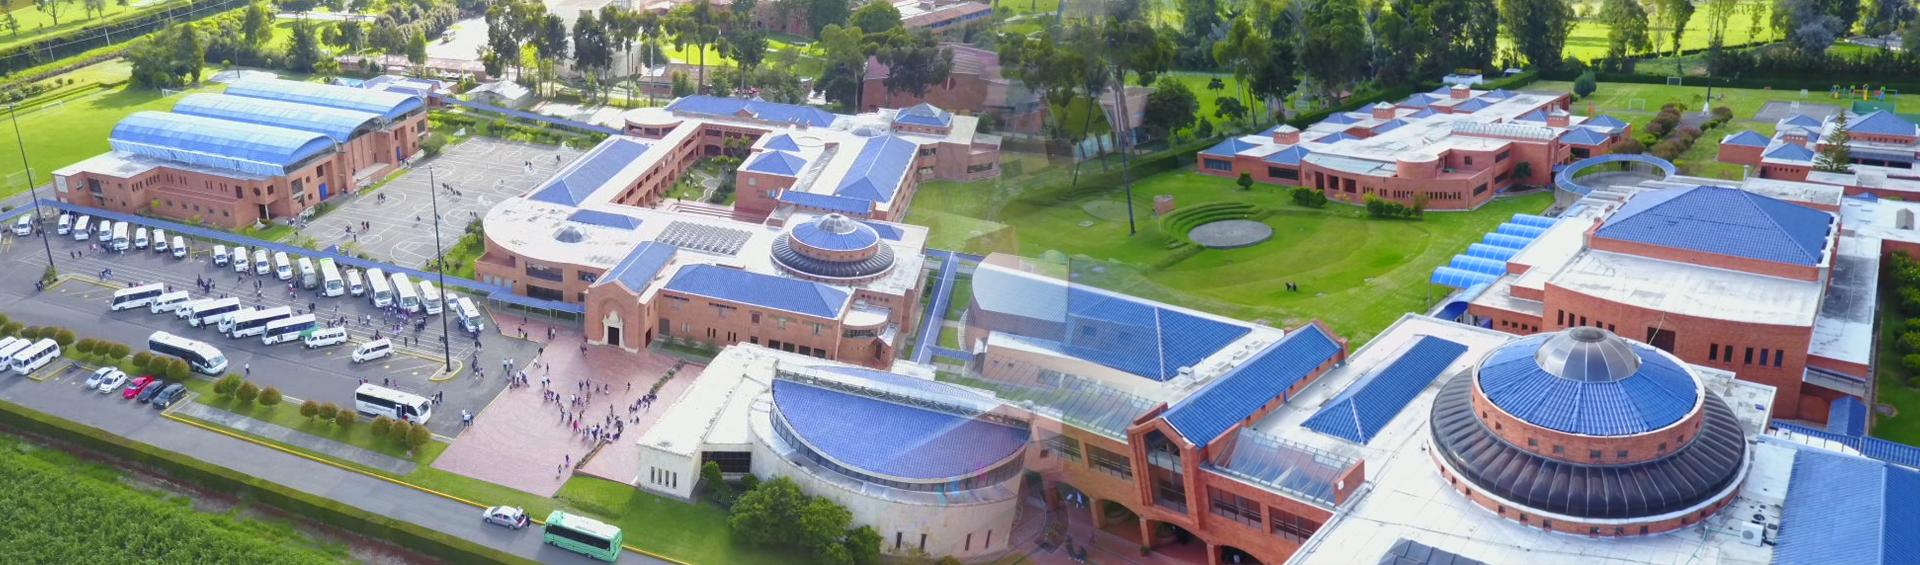 Colegio La Enseñanza Entrada Home 4